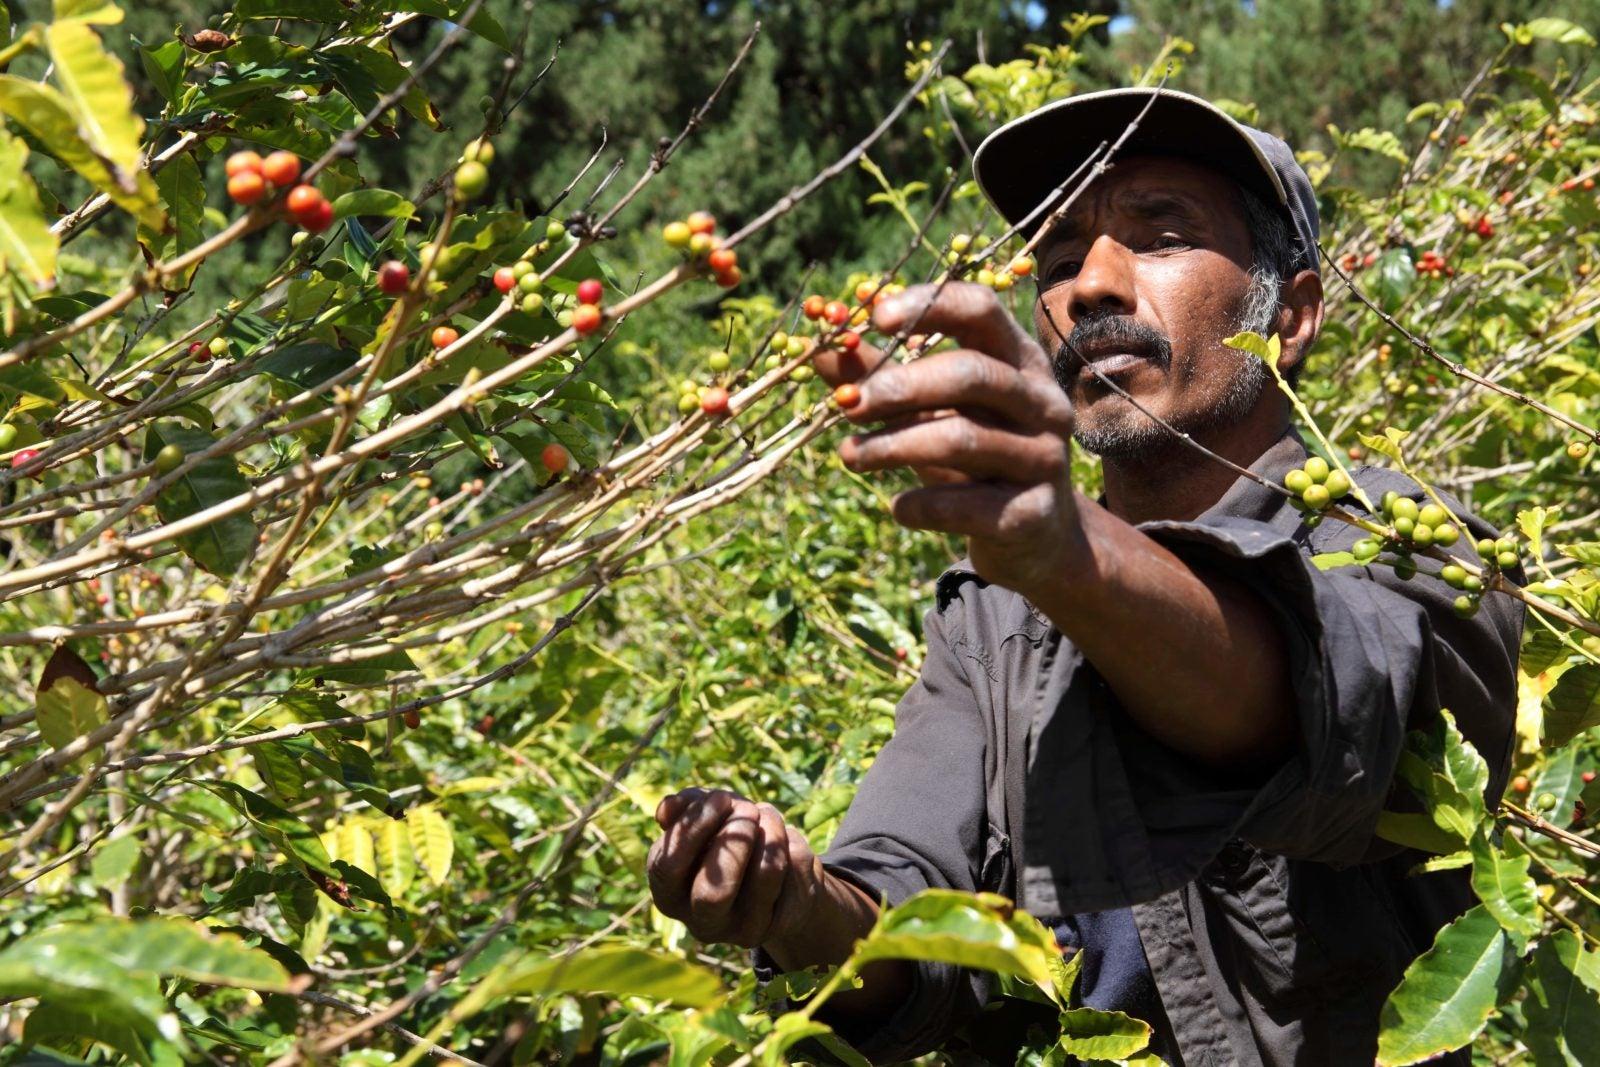 Reconectar la agricultura con la naturaleza: las promesas de la agroecología (1era parte)